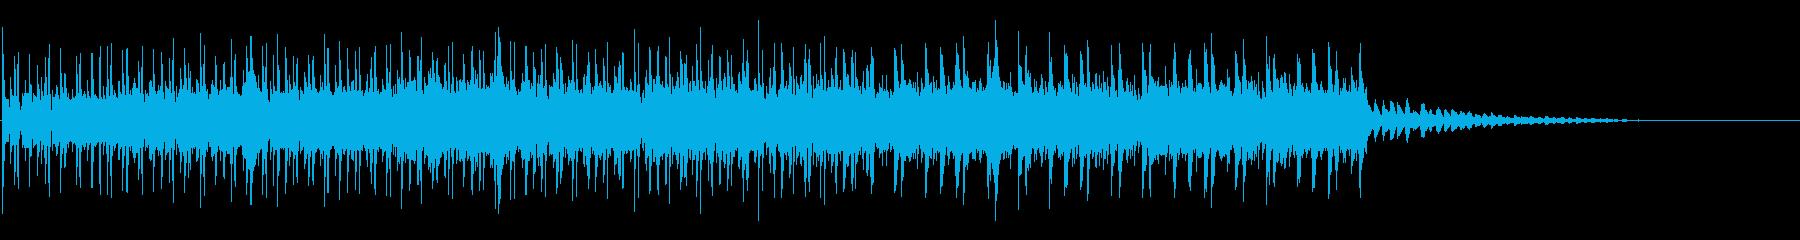 スリリングな場面が似合うBGMの再生済みの波形